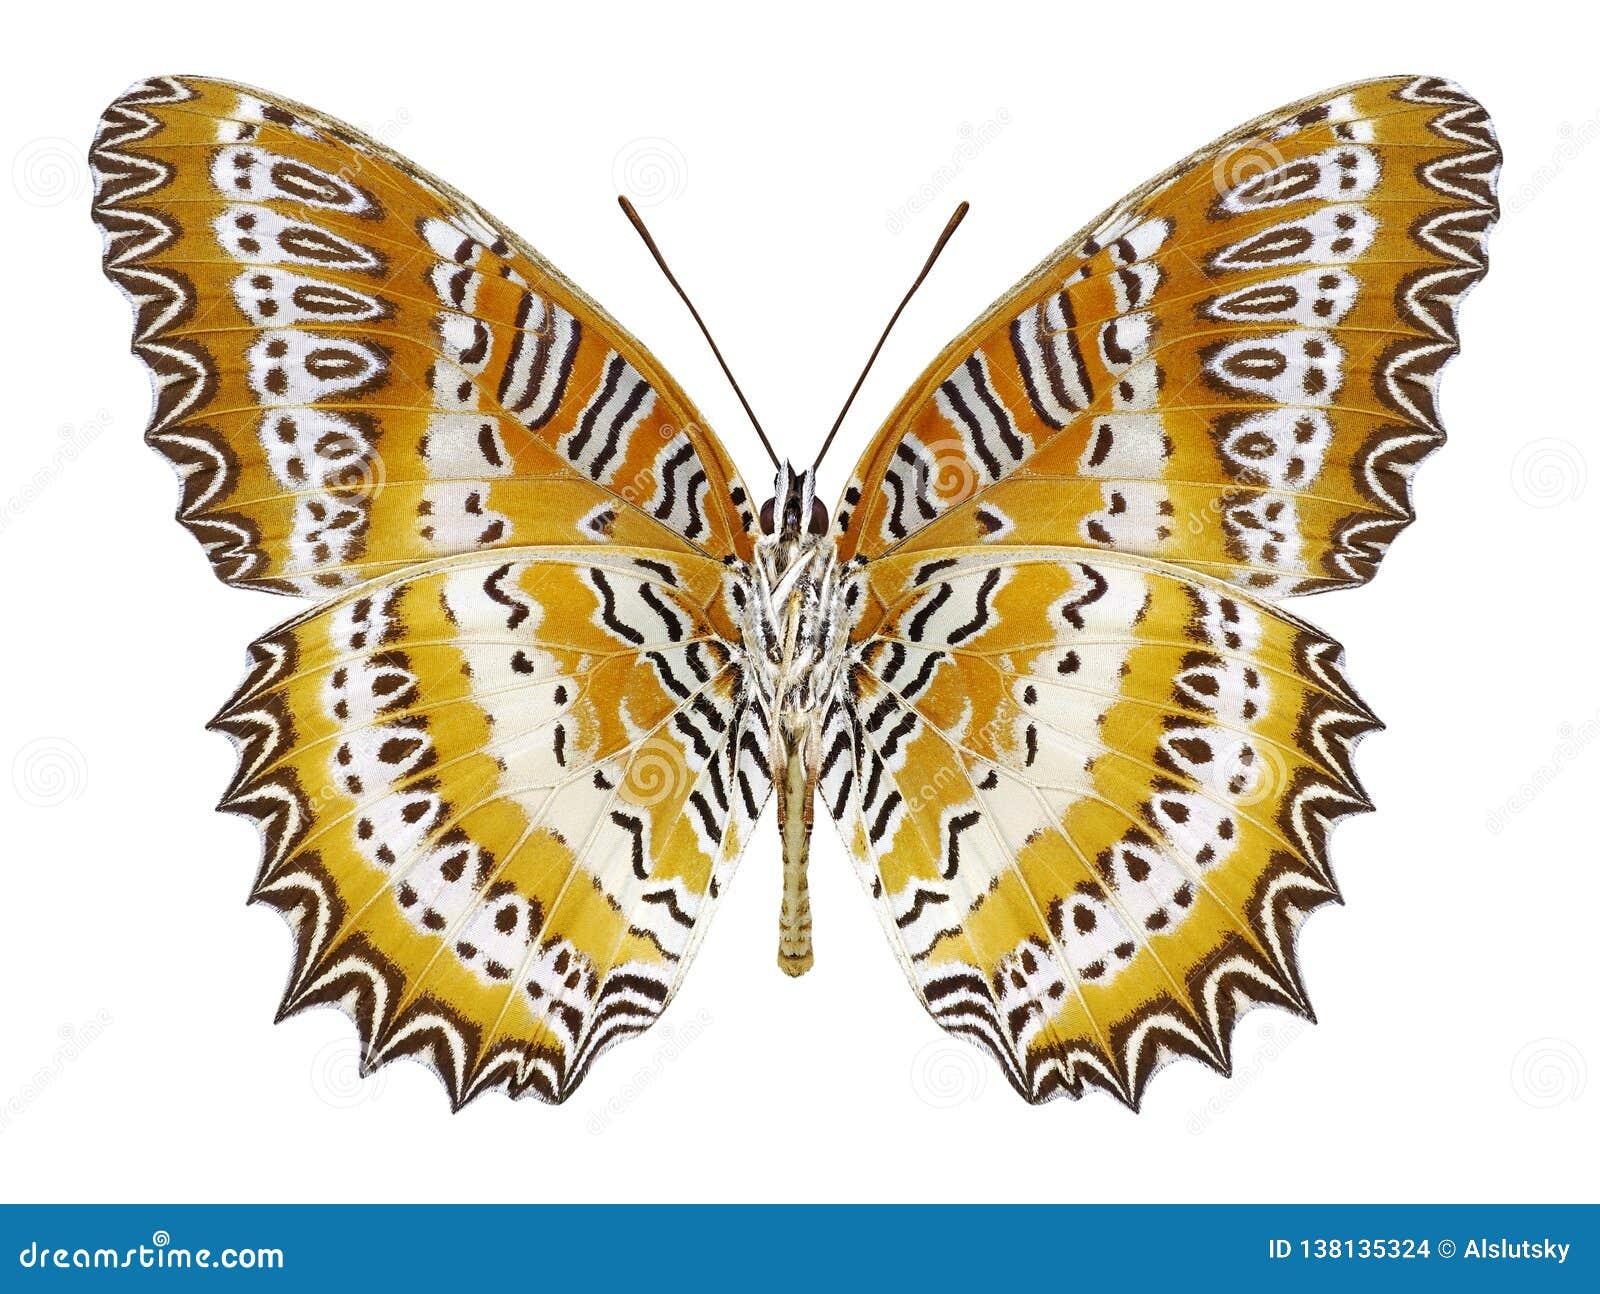 Butterfly Cethosia biblis underside